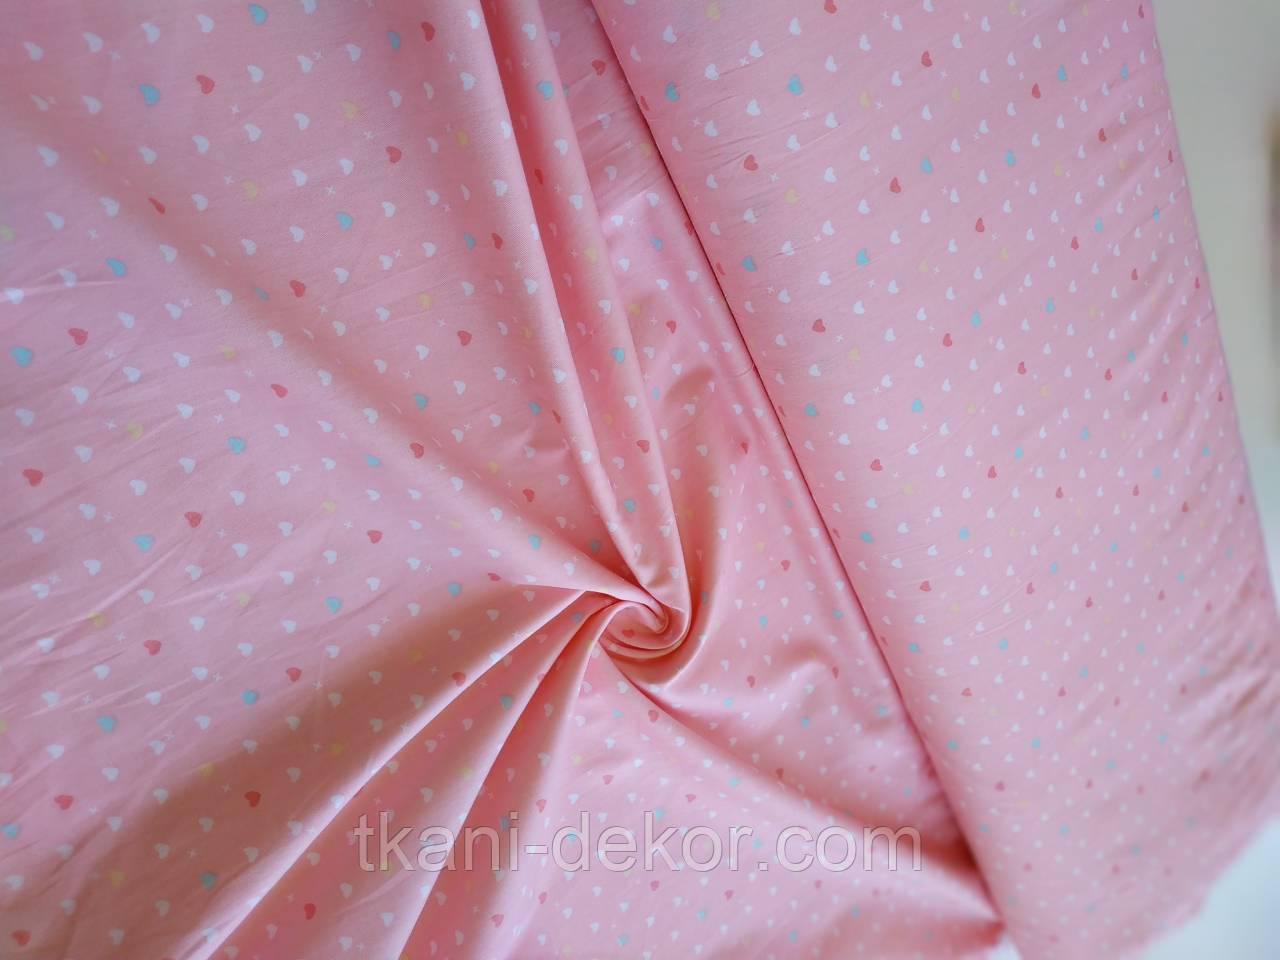 Сатин (хлопковая ткань) на персике цветные сердечки